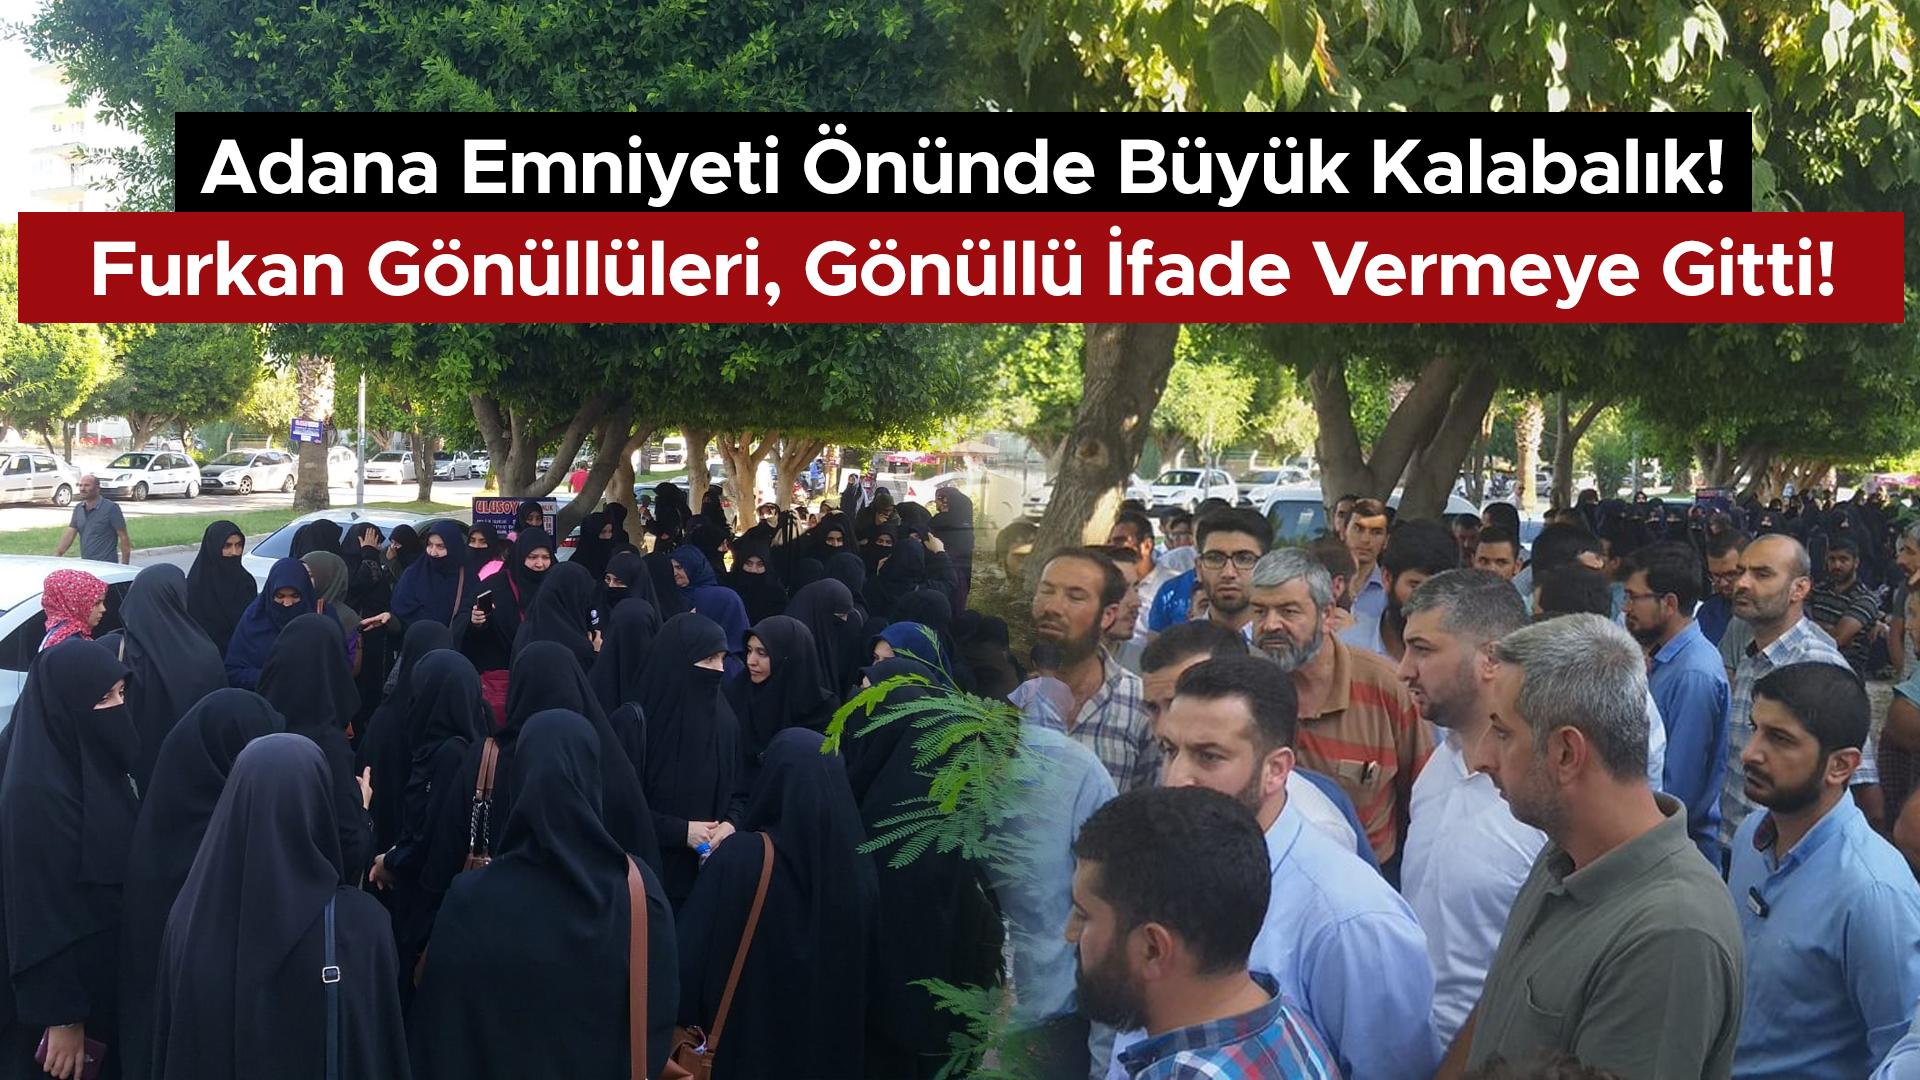 Adana Emniyeti Önünde Büyük Kalabalık! Furkan Gönüllüleri, Gönüllü İfade Vermeye Gitti!